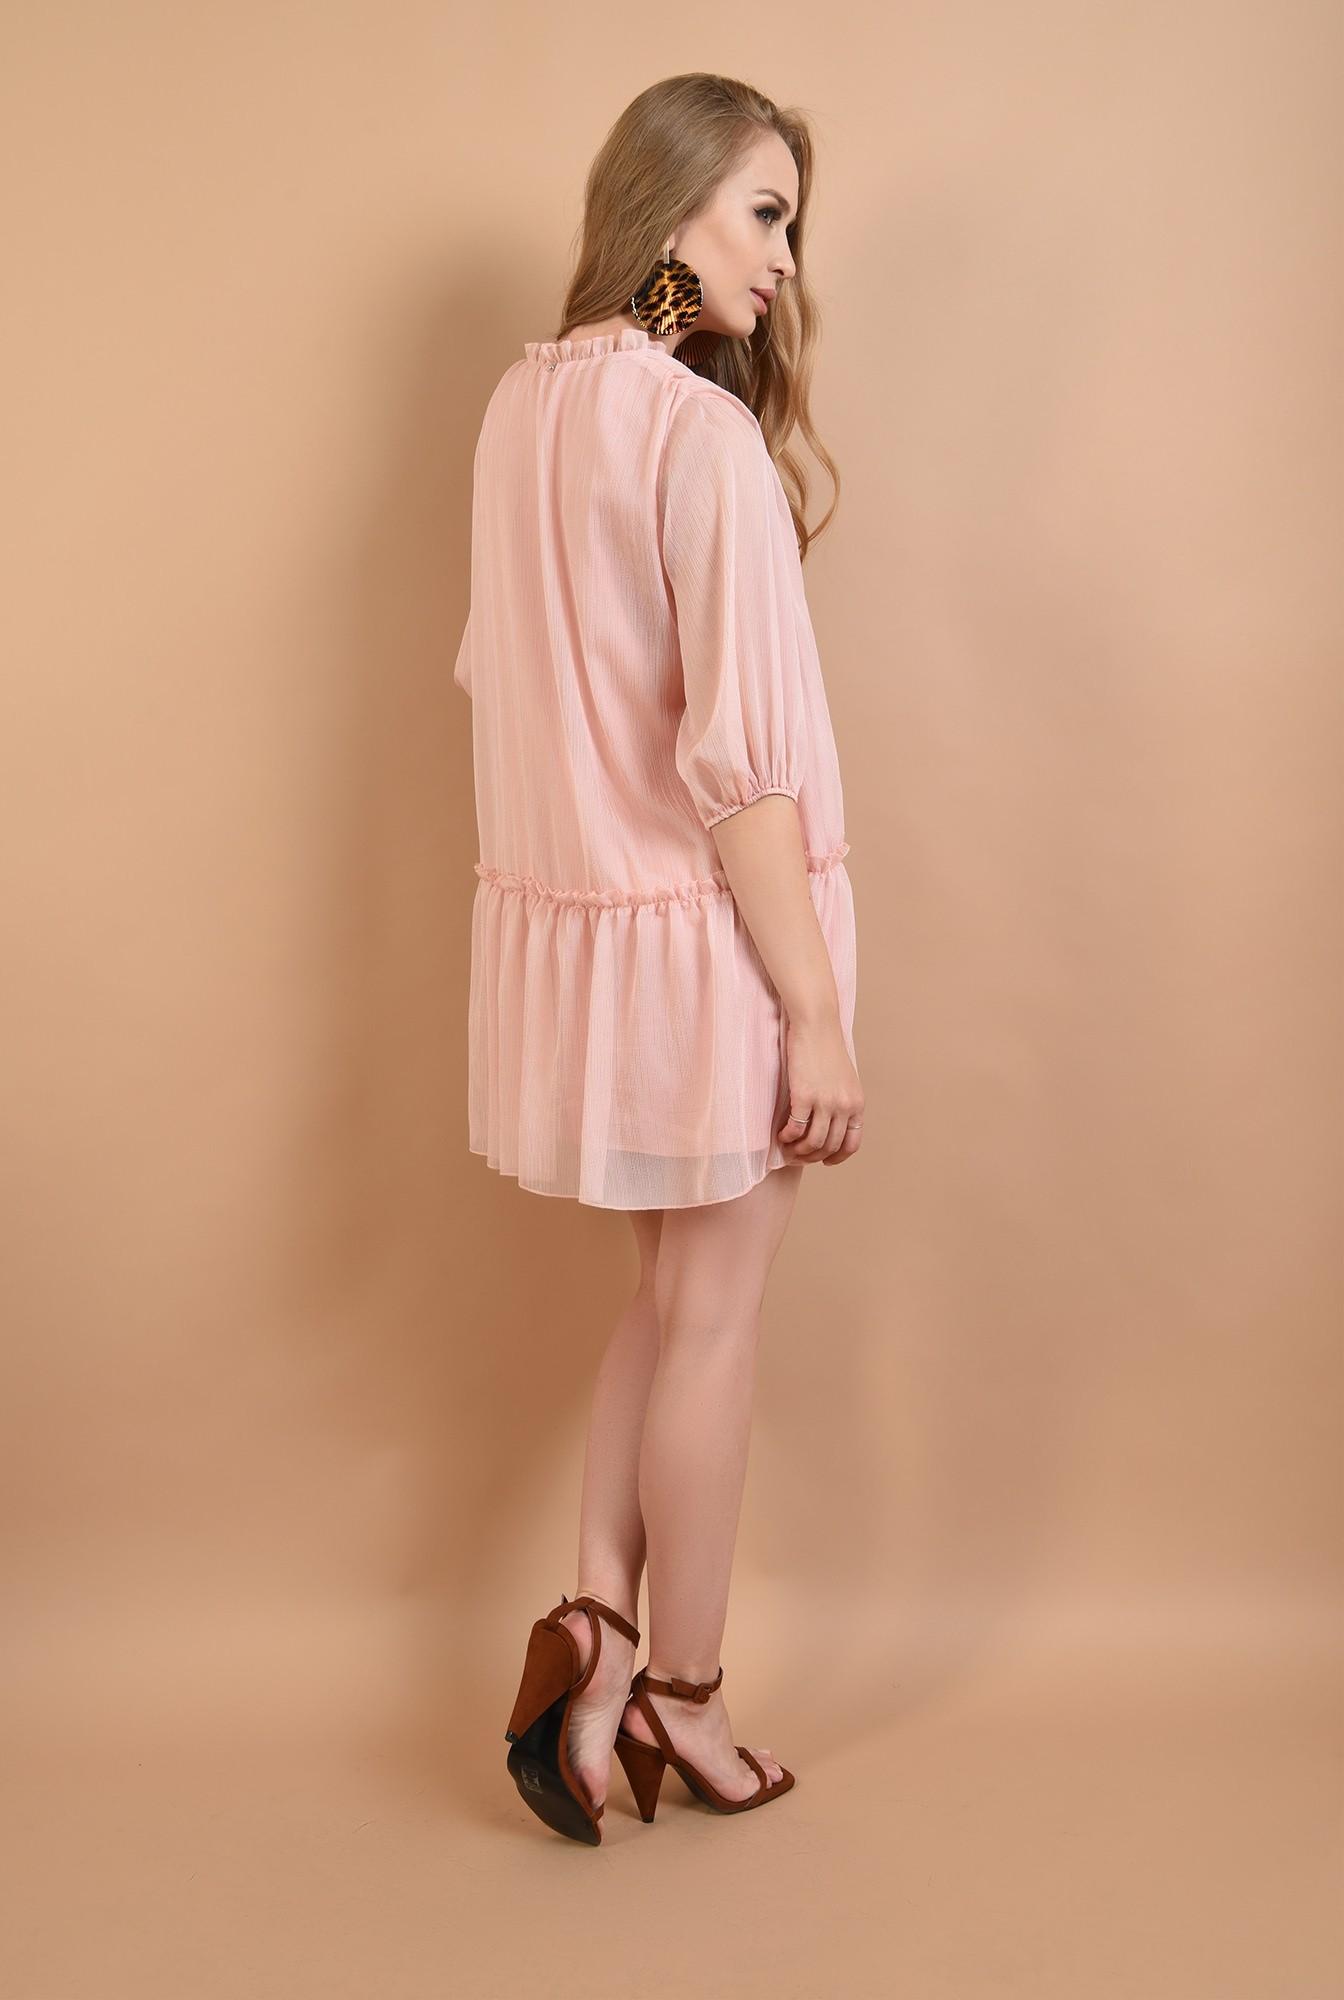 1 - 360 - rochie evazata, cu guler incretit, cu snur, roz, Poema